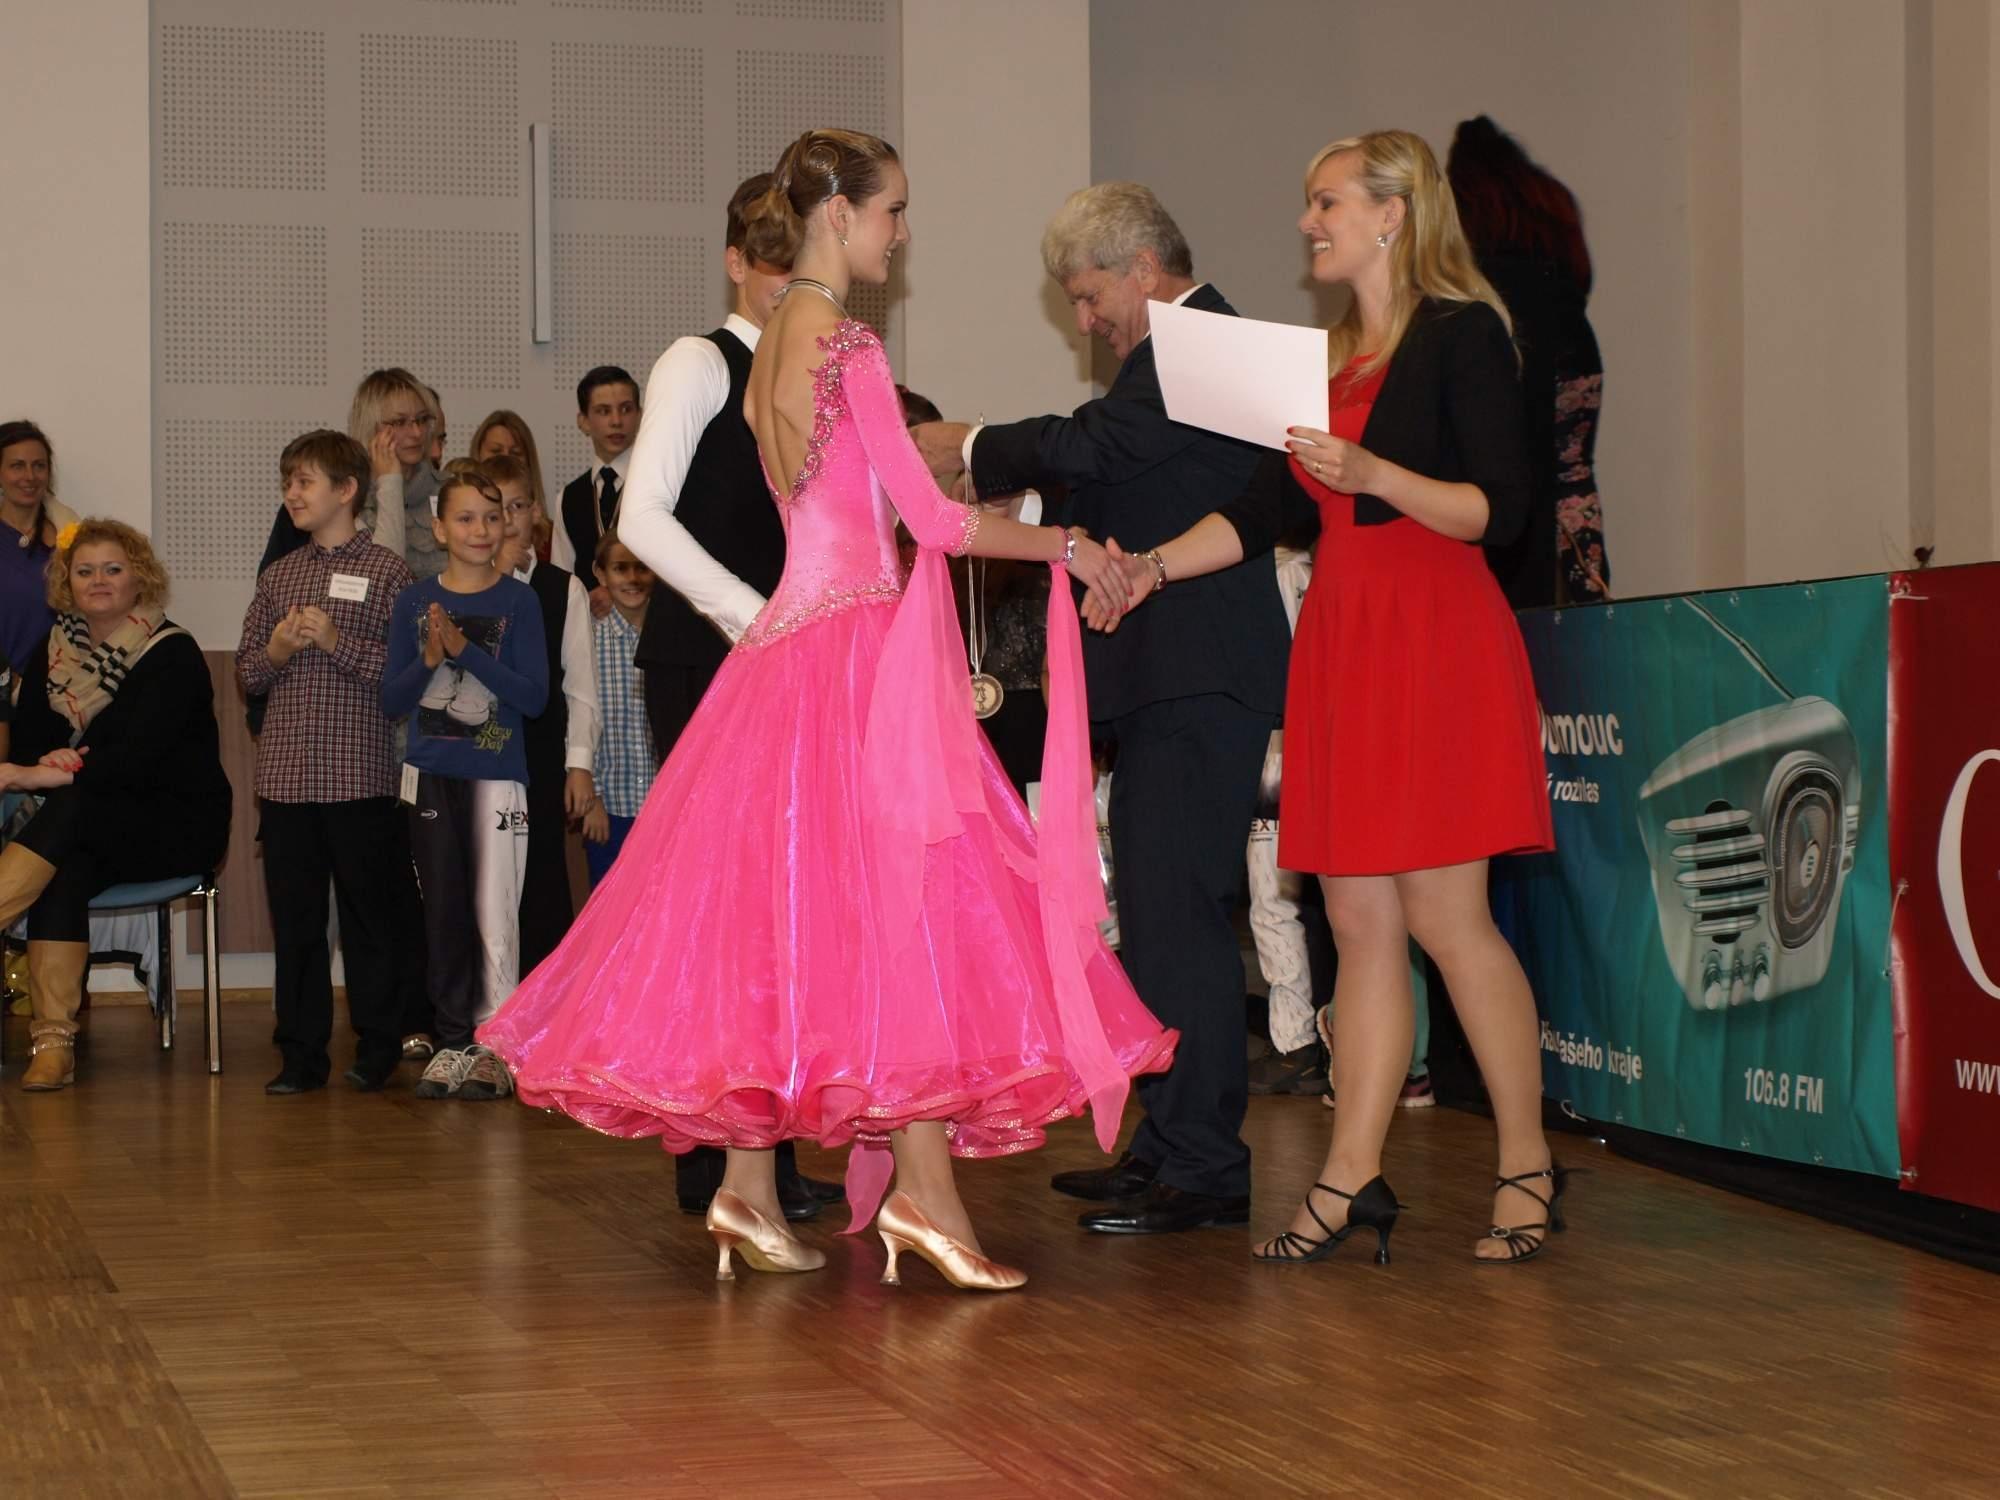 Rapotín - Mezinárodní soutěž ve společenském tanci - ocenění předává starosta Pavel Žerníček a Veronika Burdová zdroj foto: Klub NEXT